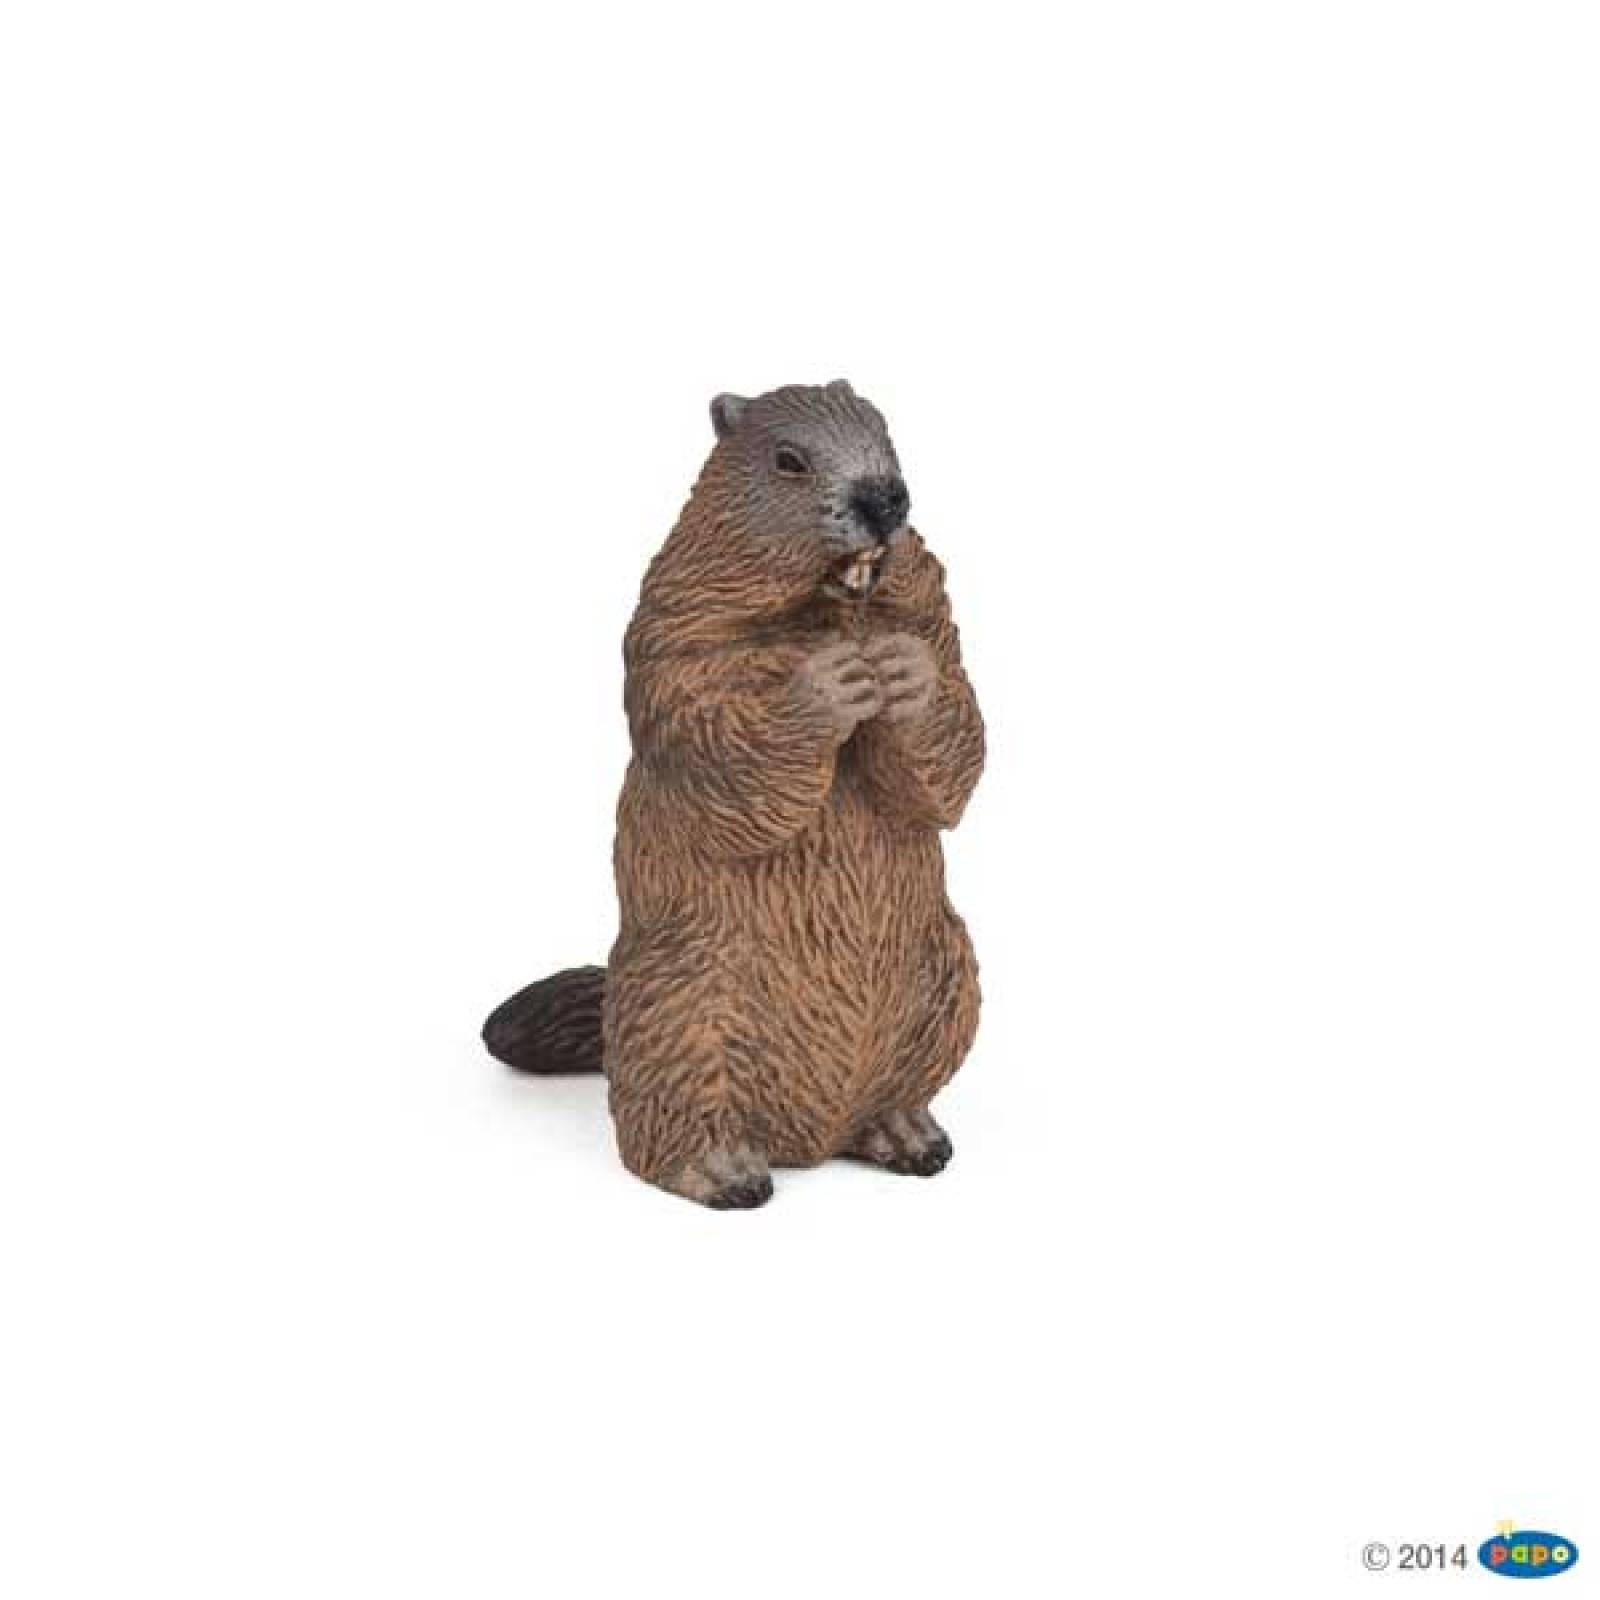 Marmot PAPO WILD ANIMAL